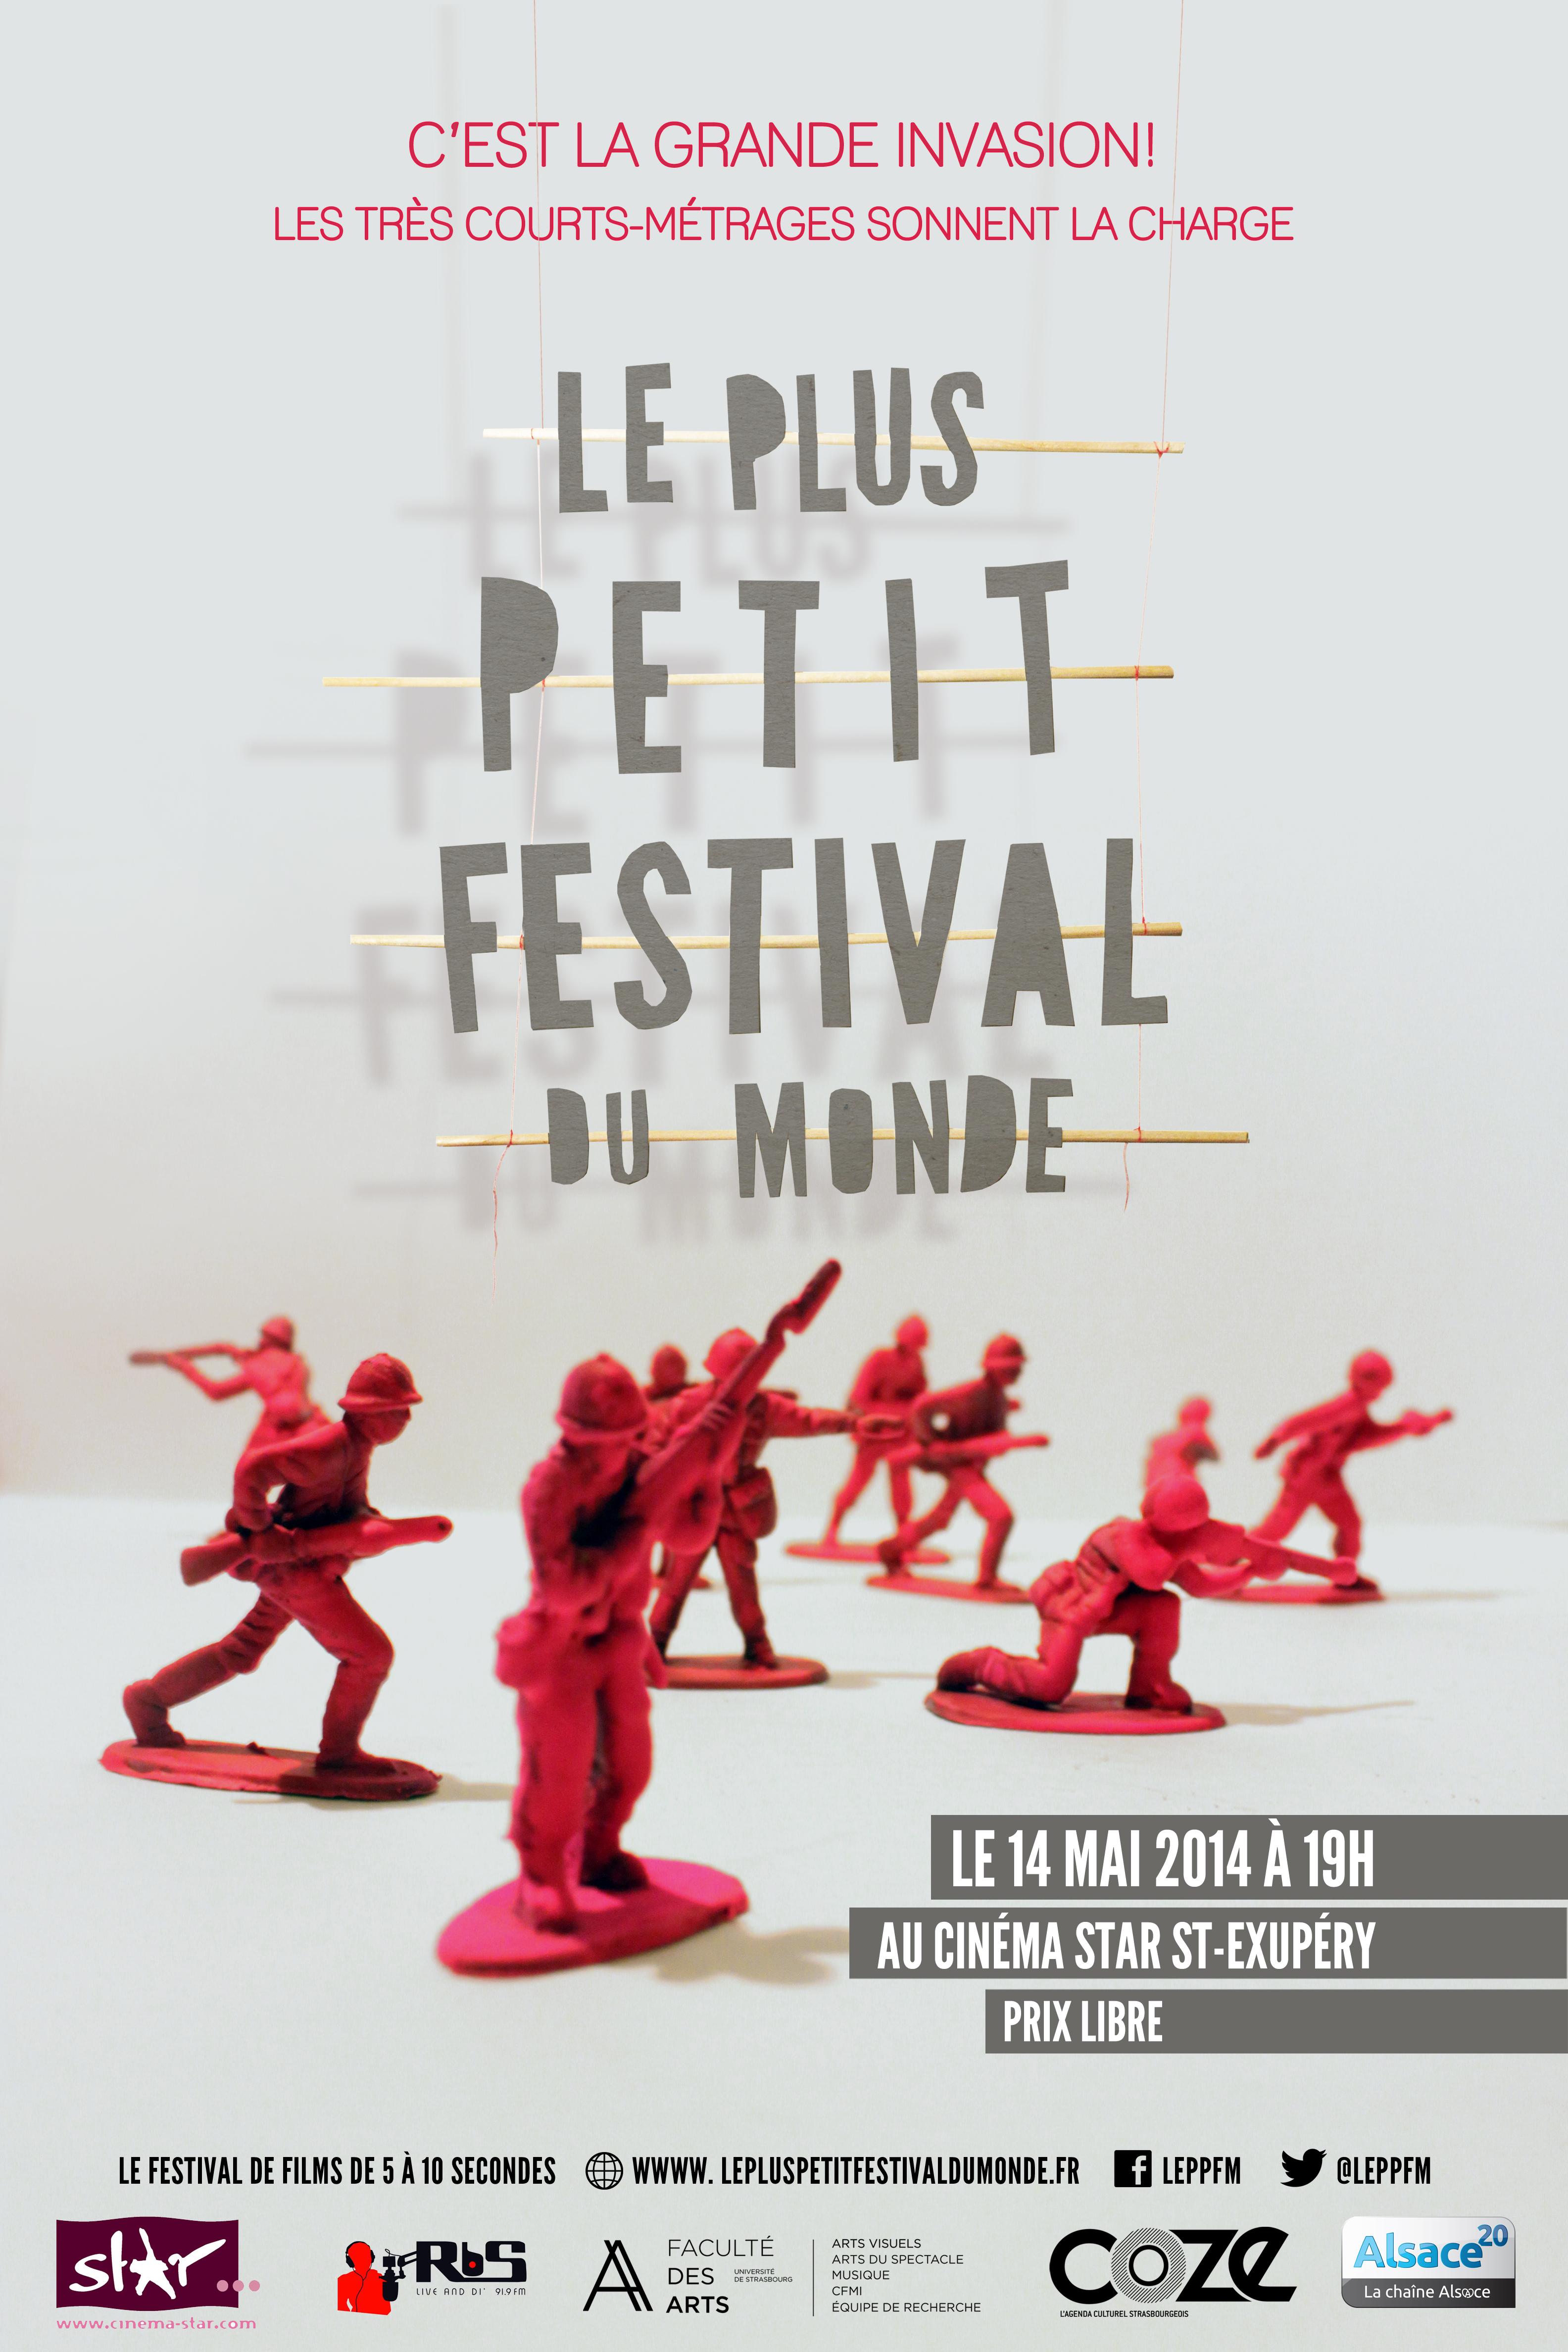 Le Plus Petit Festival du Monde - Affiche 2014